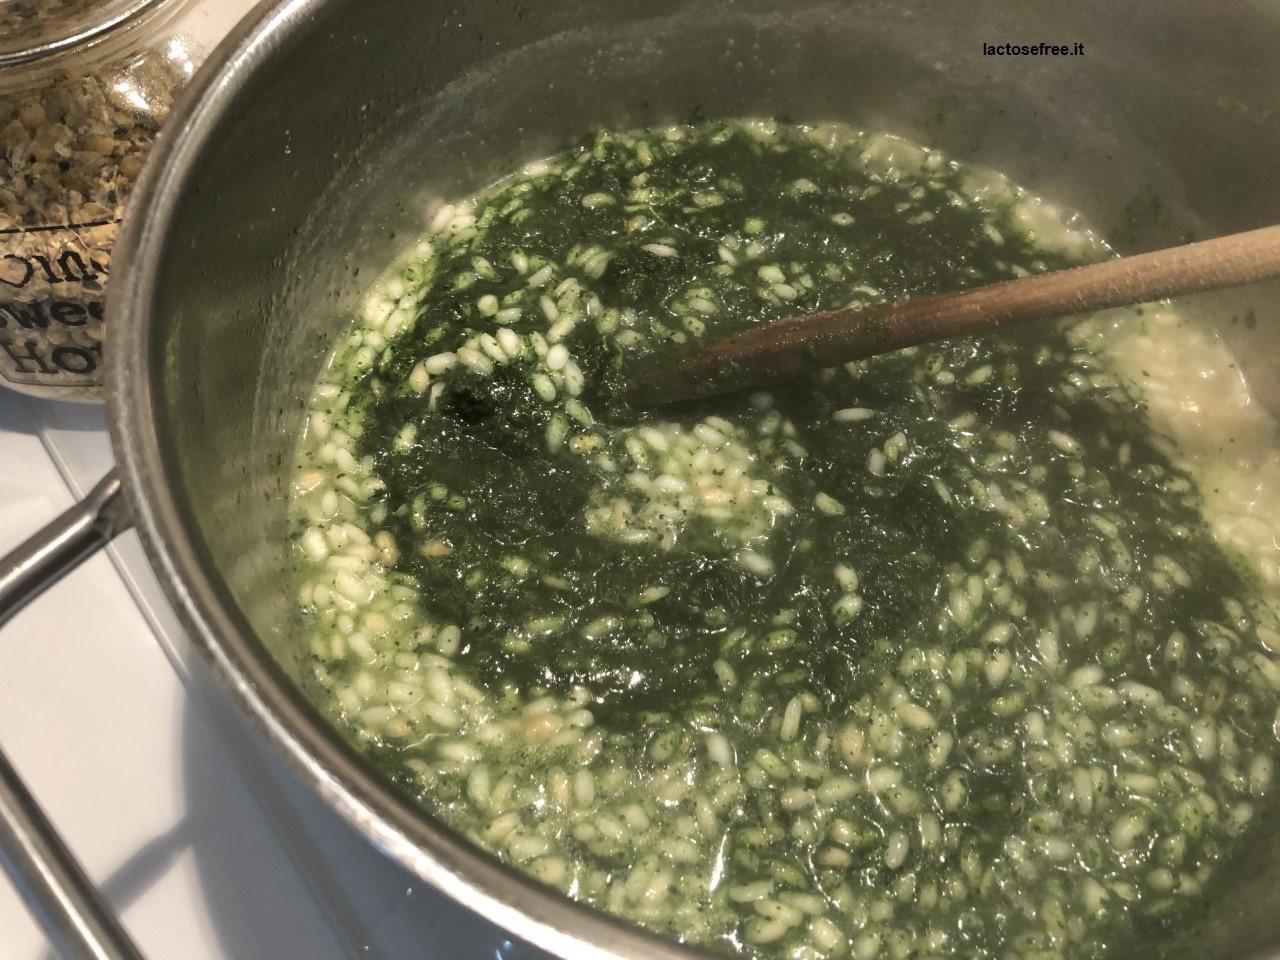 Risotto al cavolo nero stevia e limone_crema di cavolo nero nel riso2